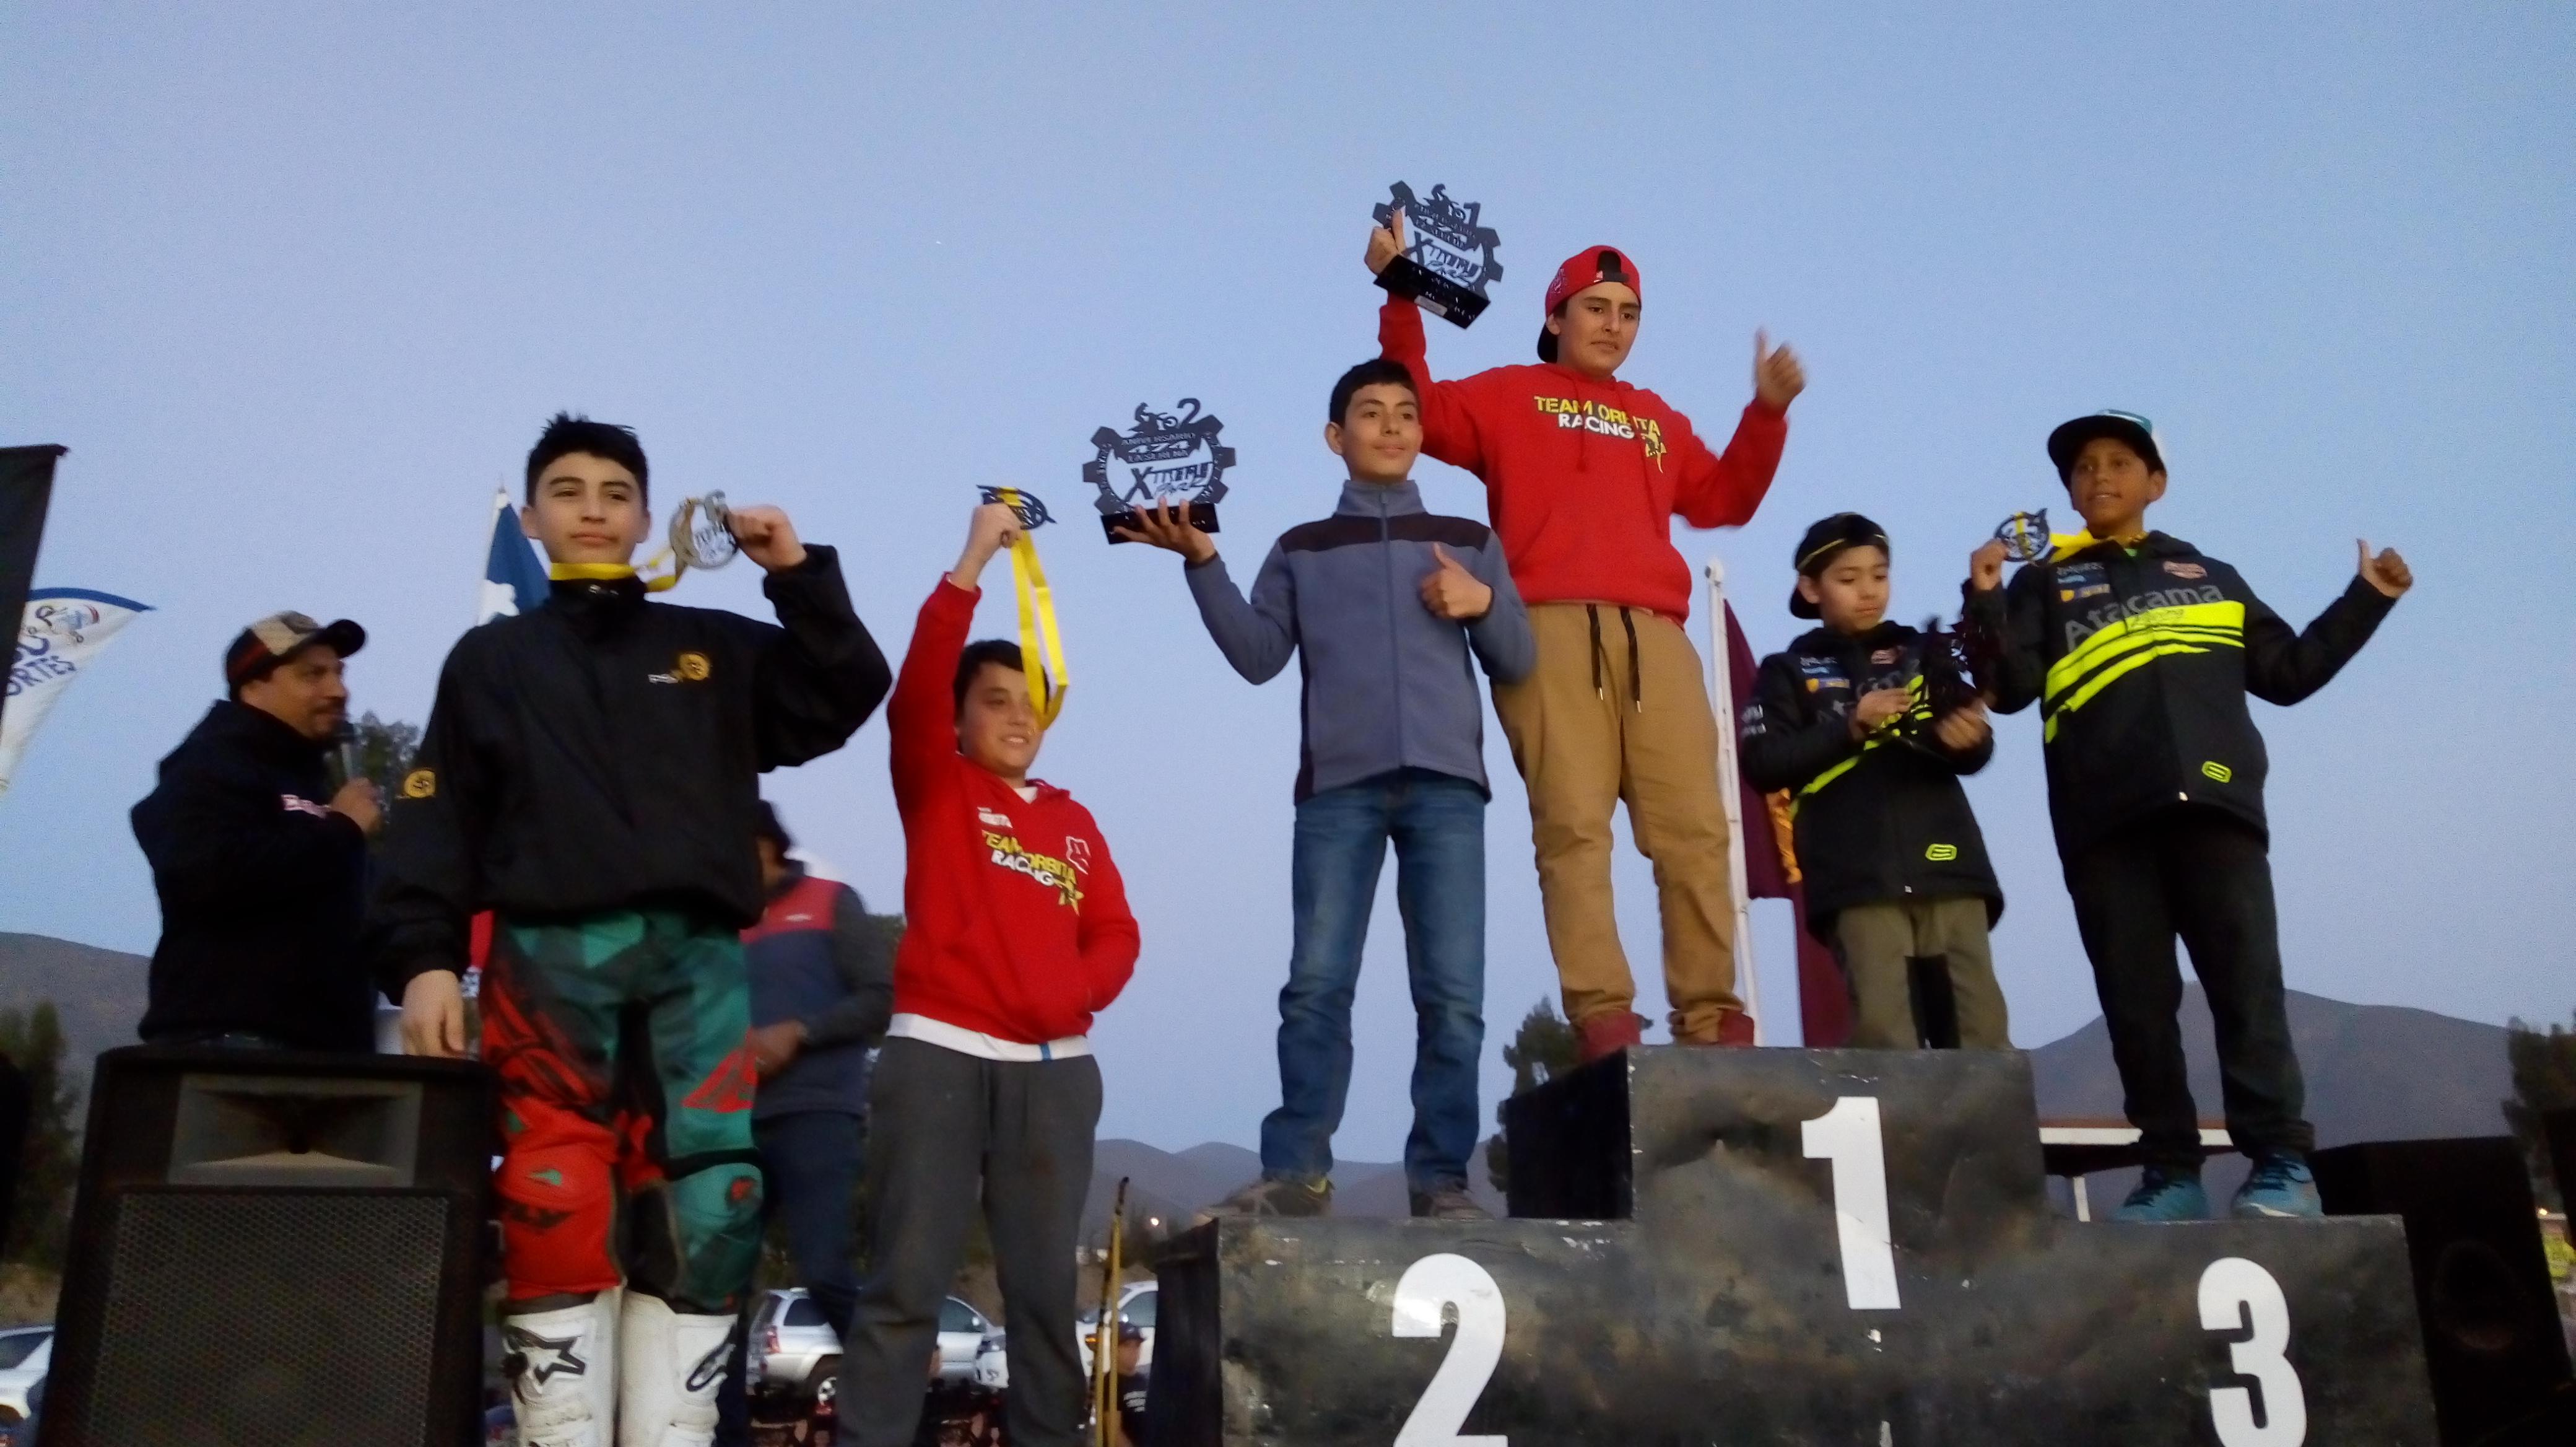 Competidores vallenarinos de MX y ATV destacaron en la quinta Fecha del Interregional de la Serena